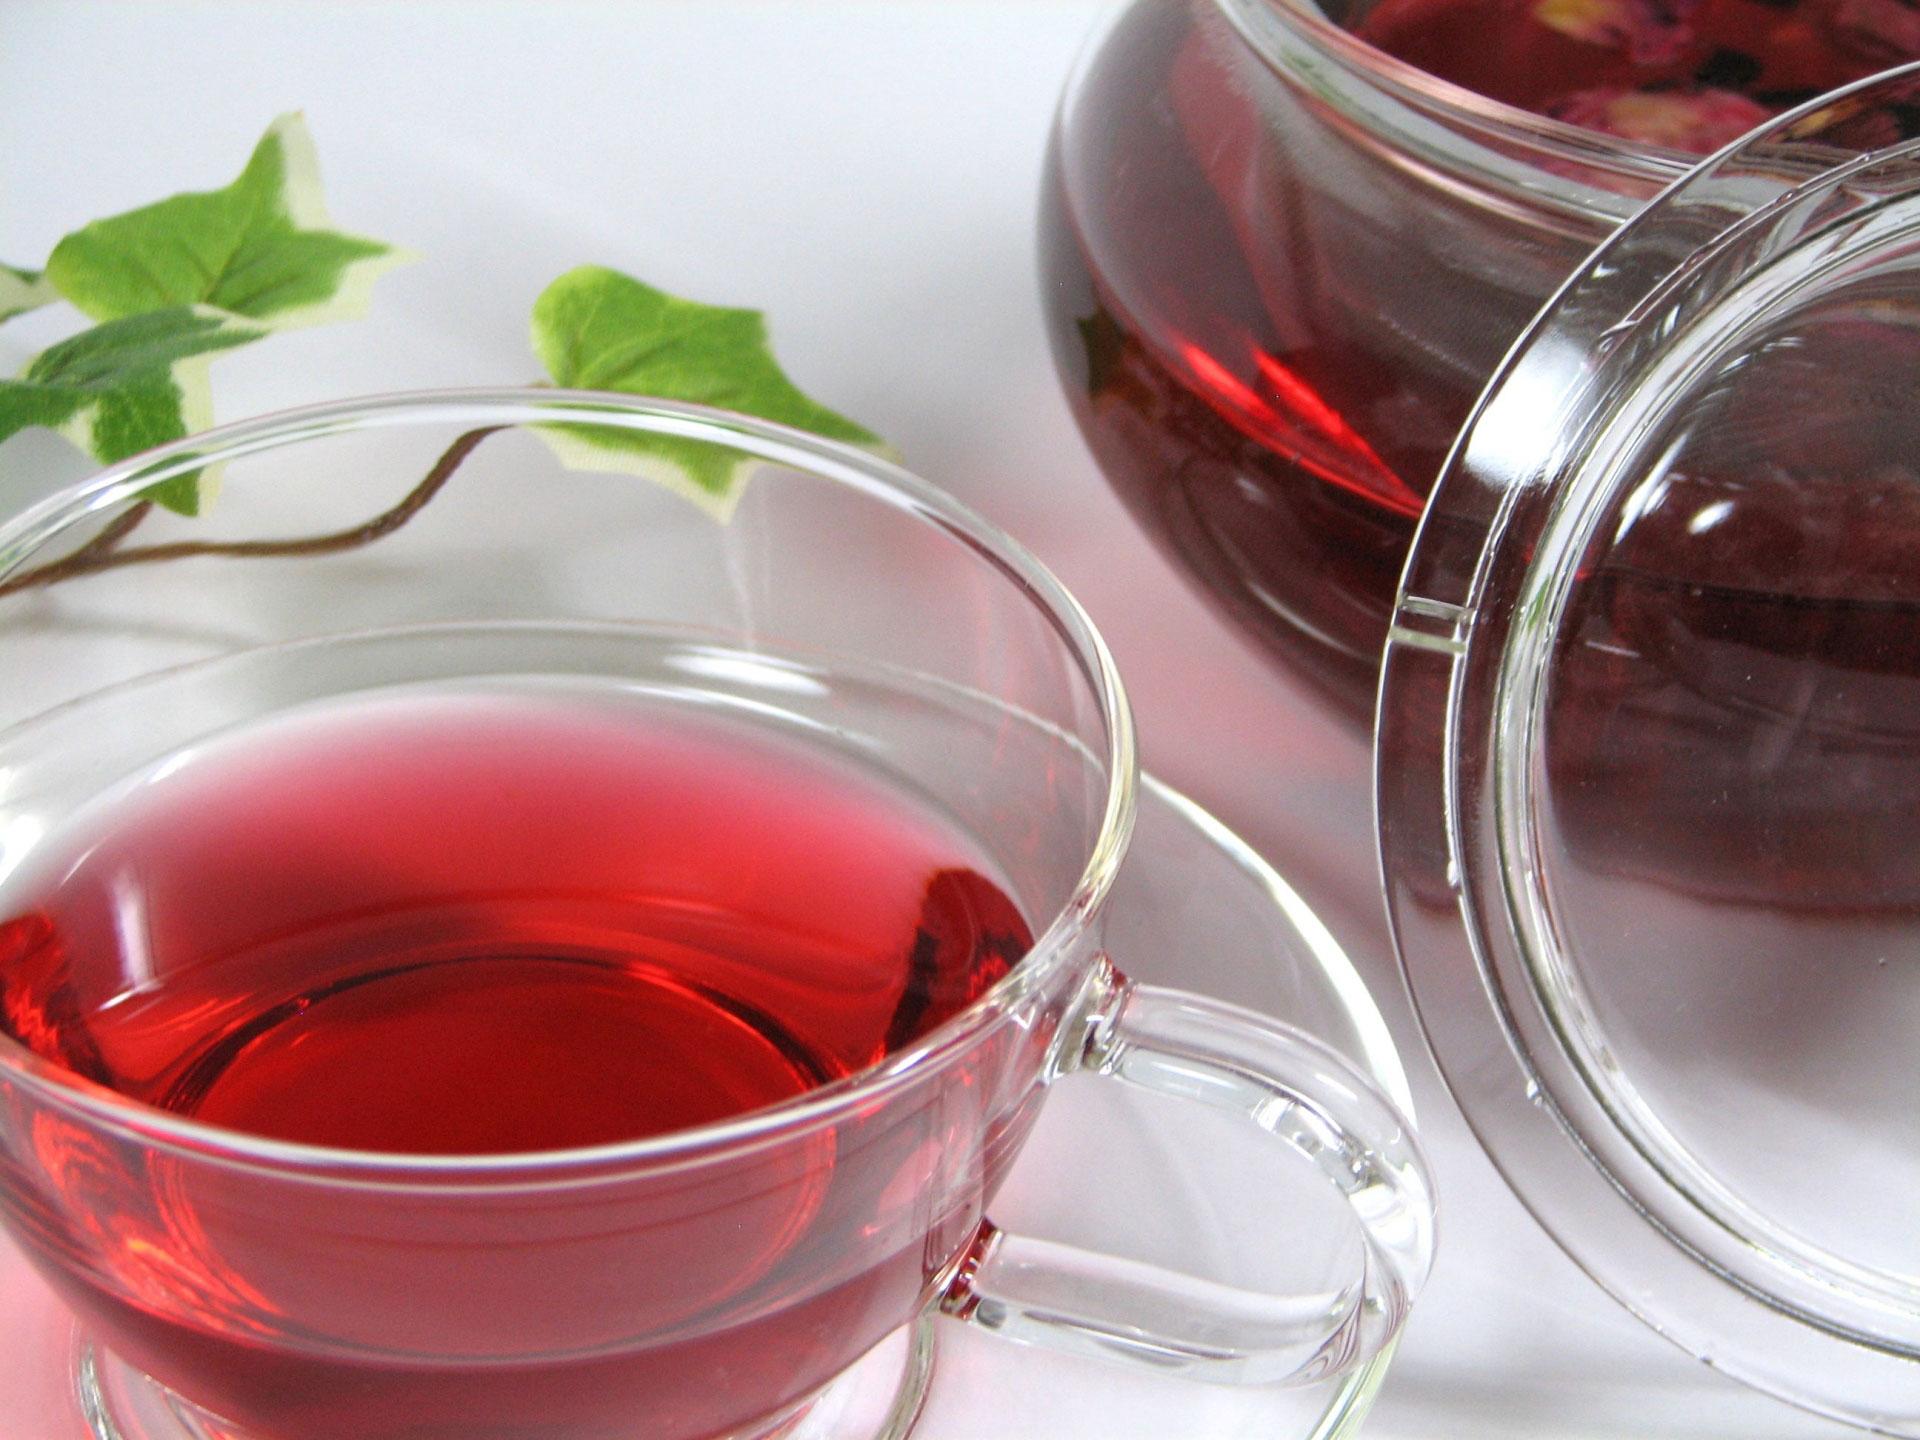 苦しい便秘から卒業したい!便秘を解消する9種類のお茶の秘密を徹底解説。ローズヒップティー